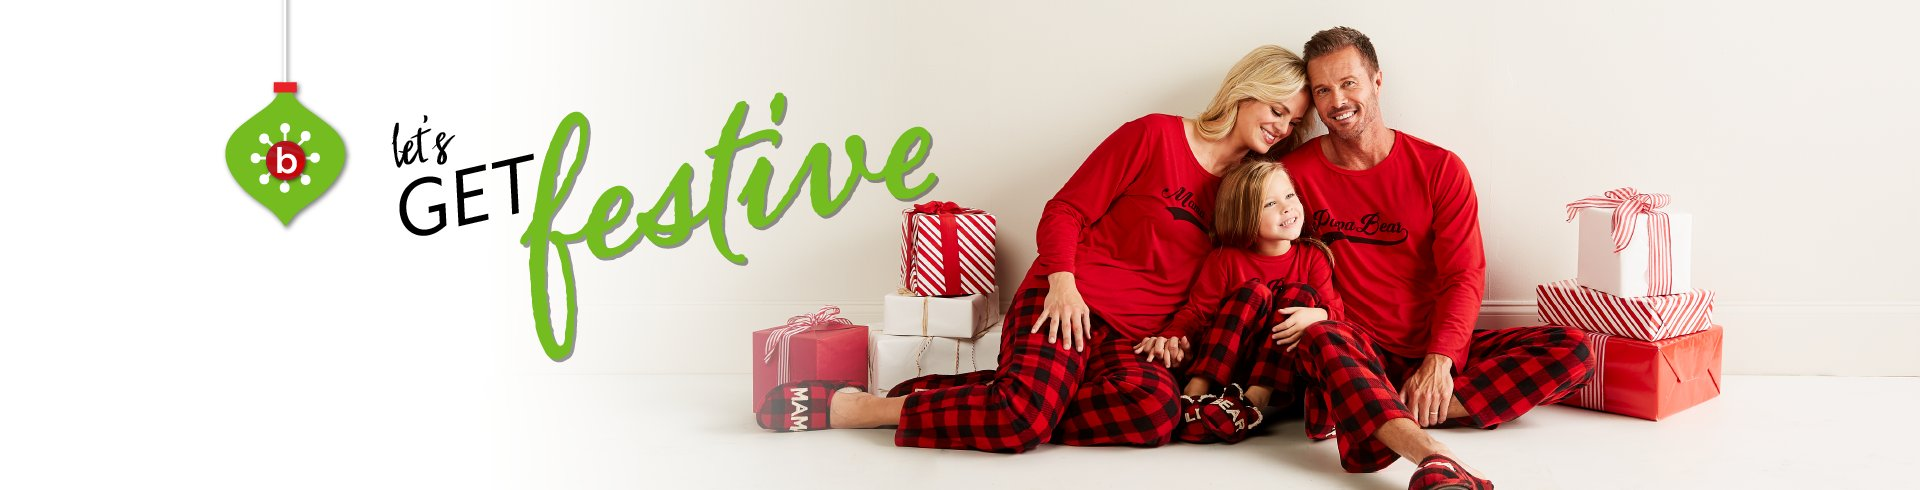 Festive Shop - Let's Get Gifting!